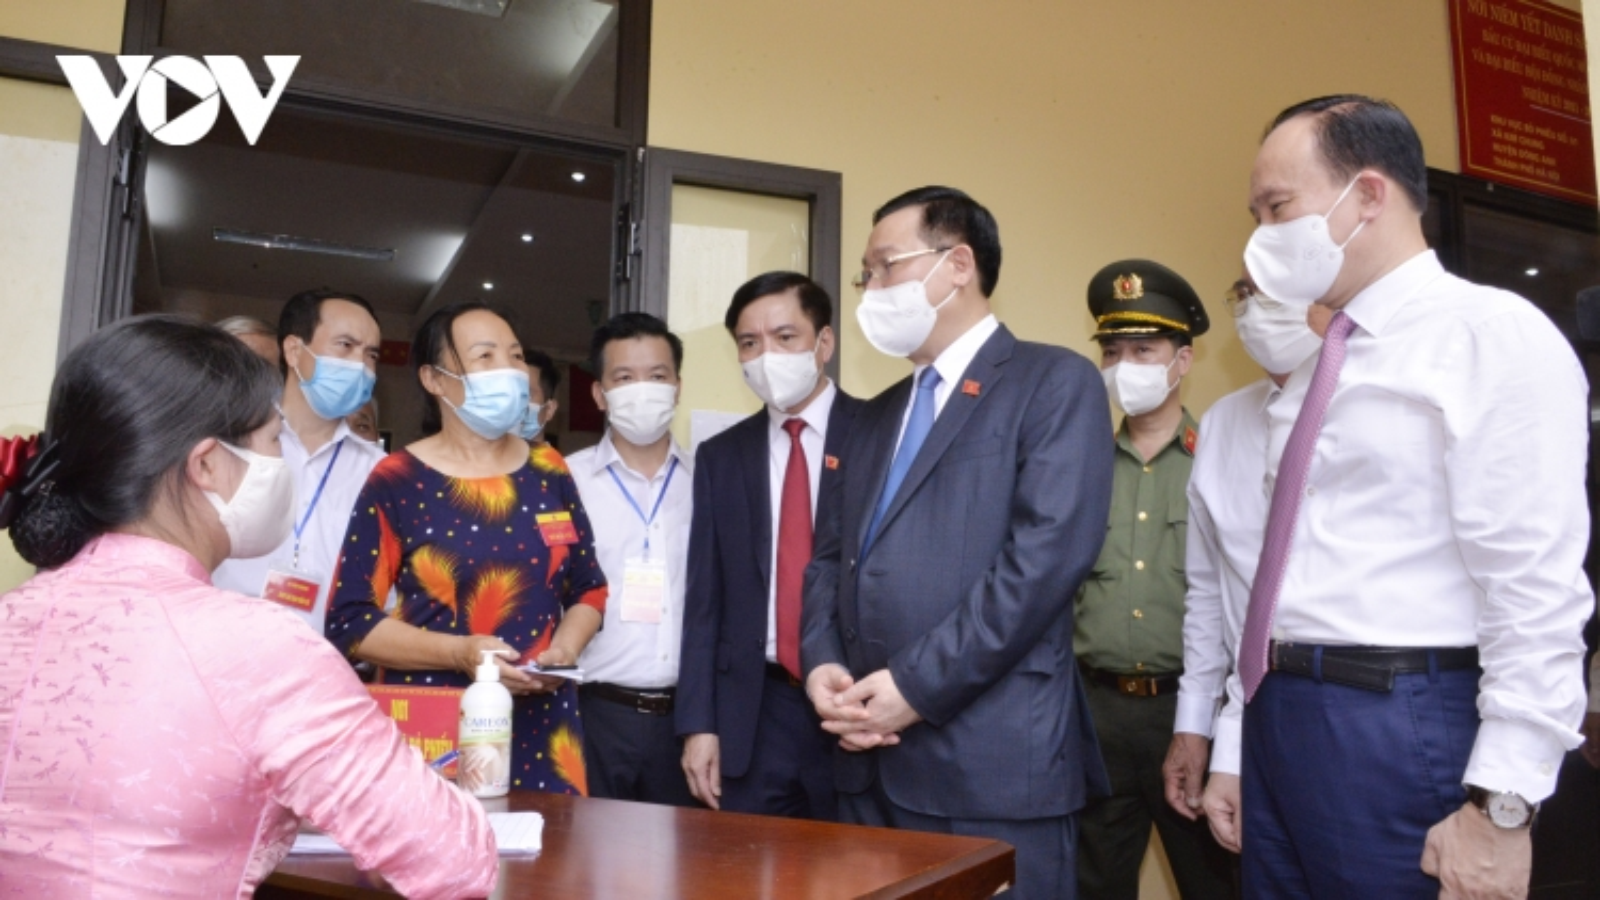 Chủ tịch Quốc hội kiểm tra công tác bầu cử tại một số điểm ở Hải Dương, Hà Nội